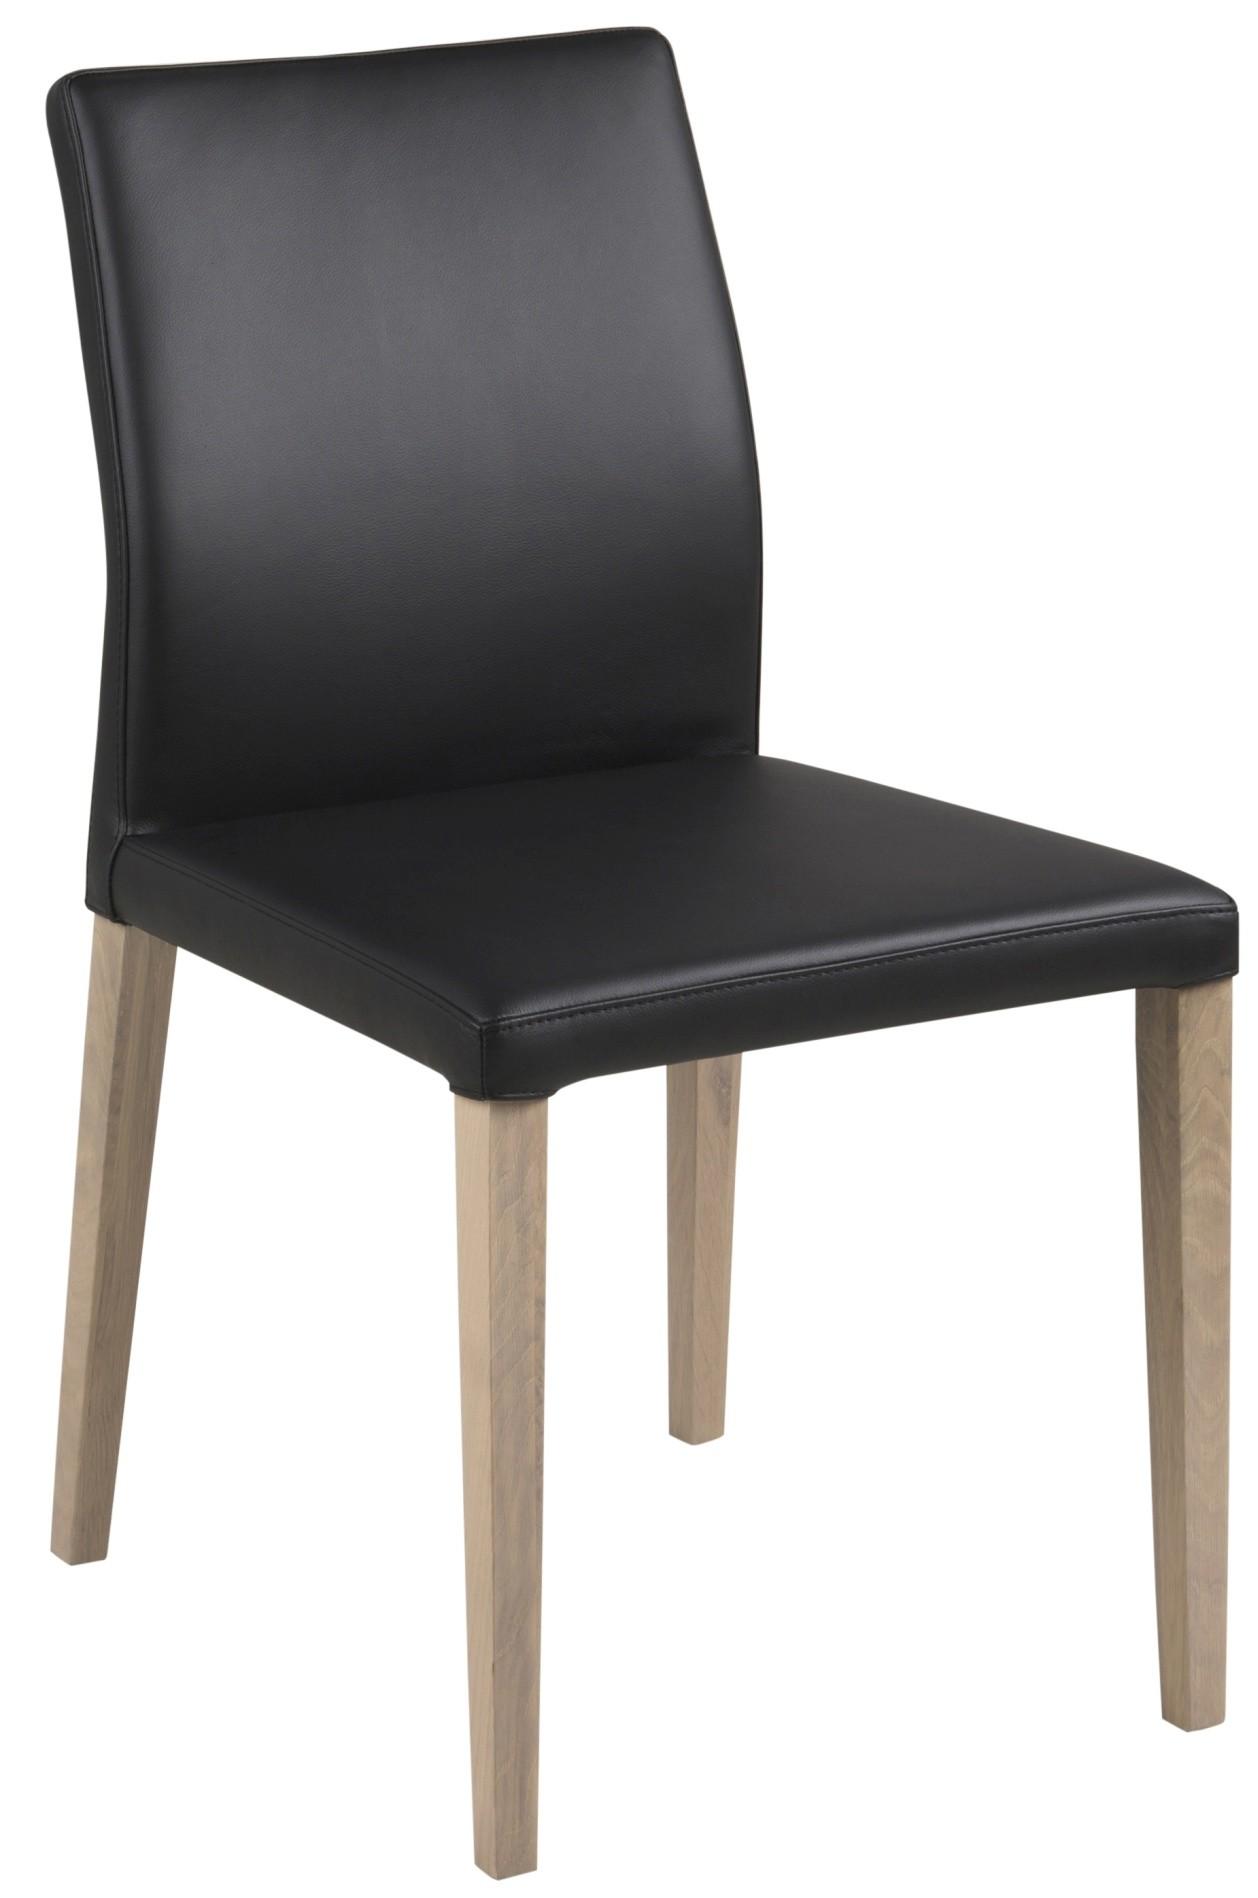 Design stoel leer kopen online internetwinkel for Design 24 stoelen